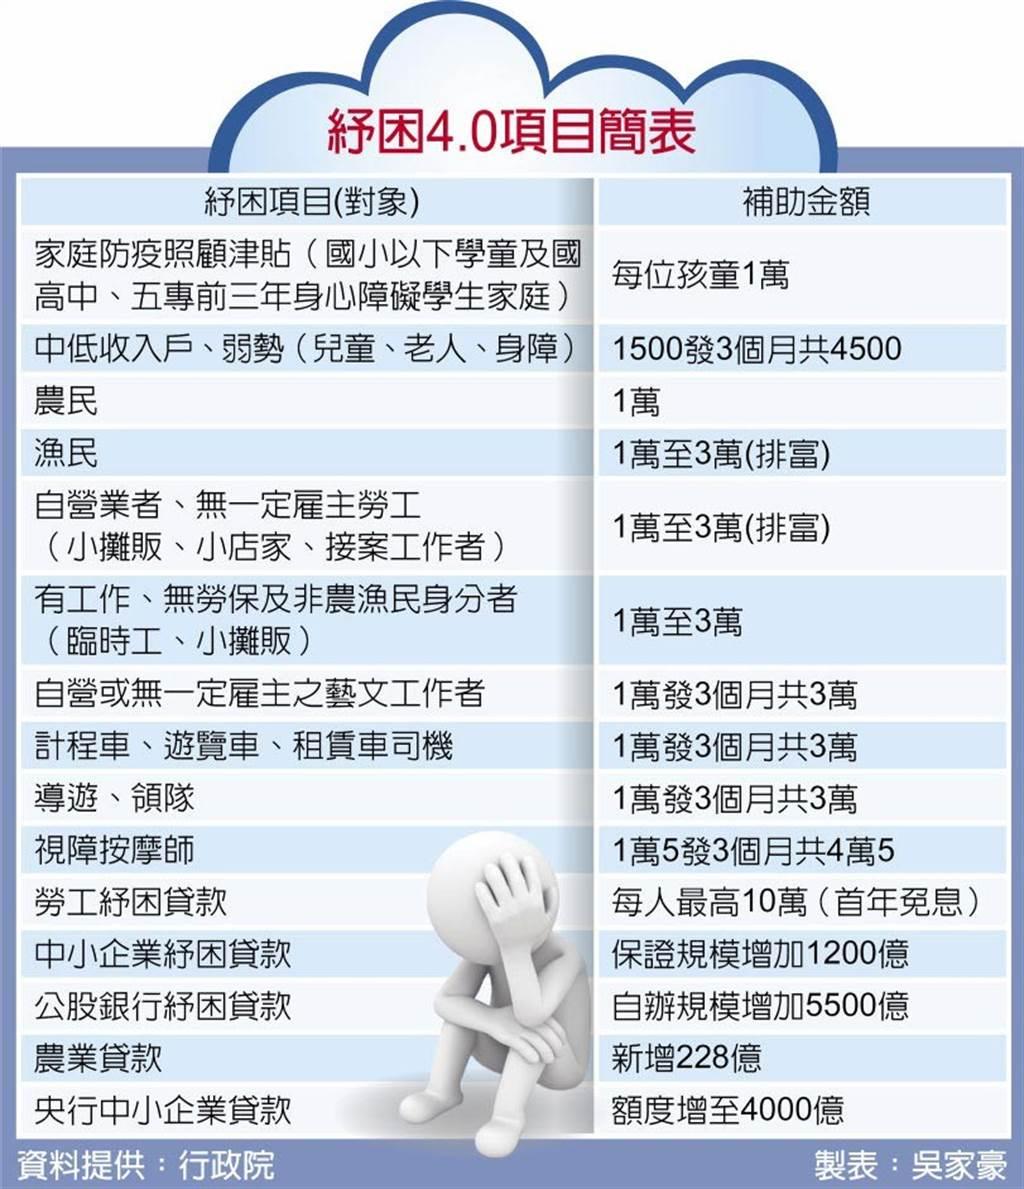 紓困4.0項目簡表。(取自中國時報)